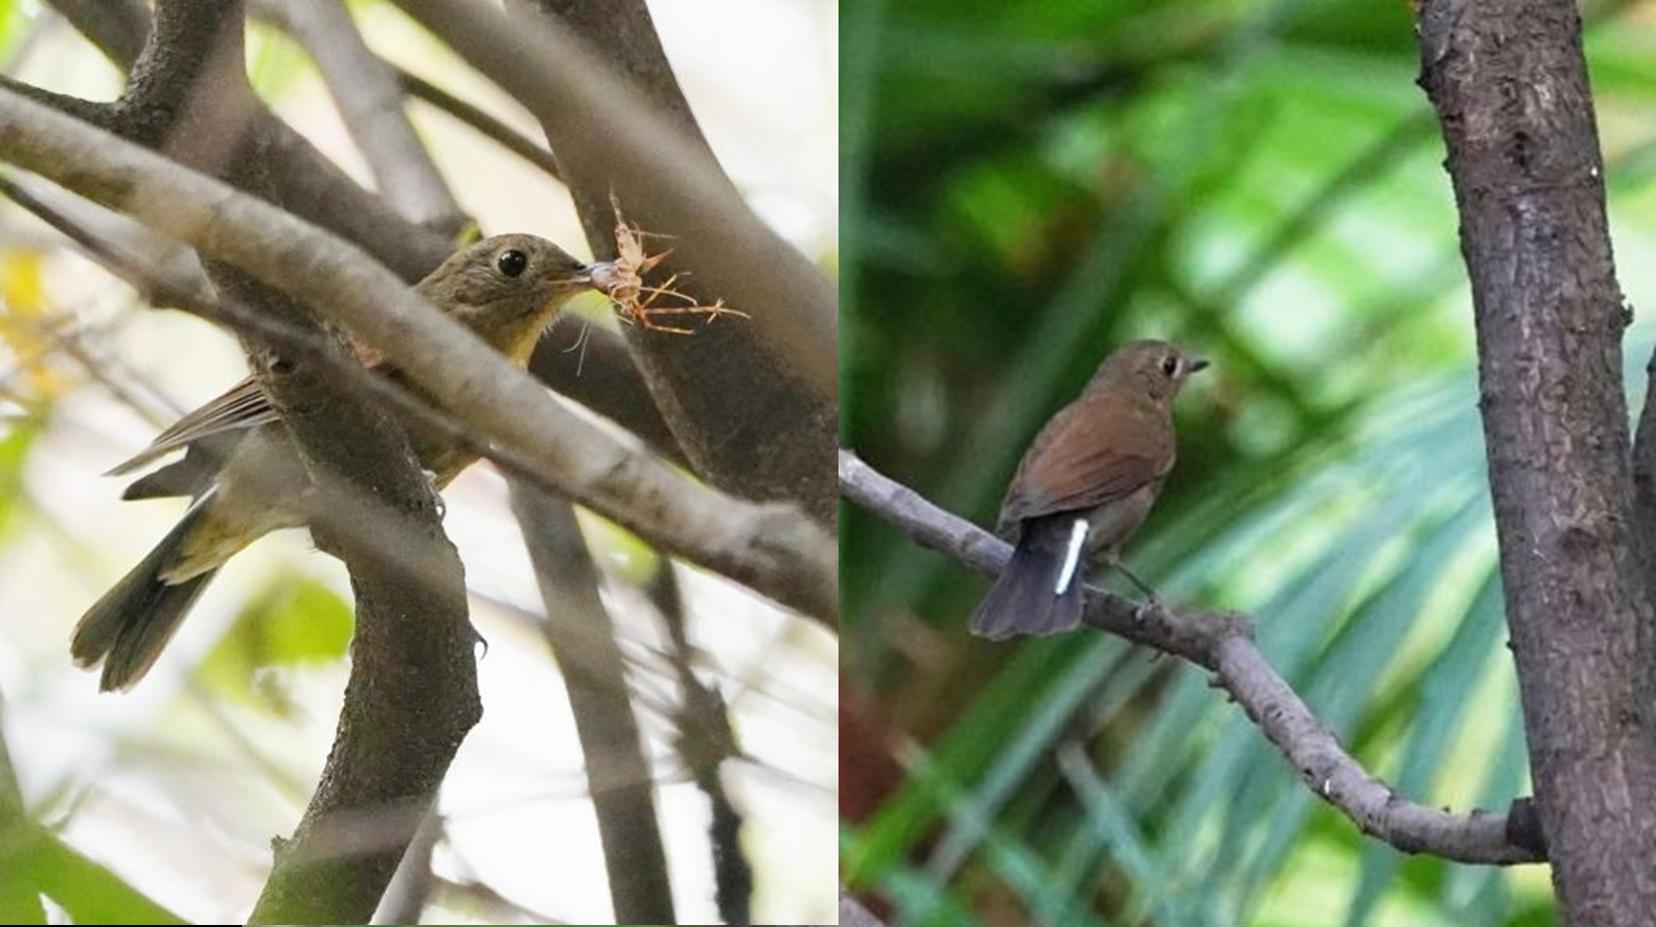 白尾蓝地鸲现身解放公园,武汉地区被观察到鸟类升至第413种